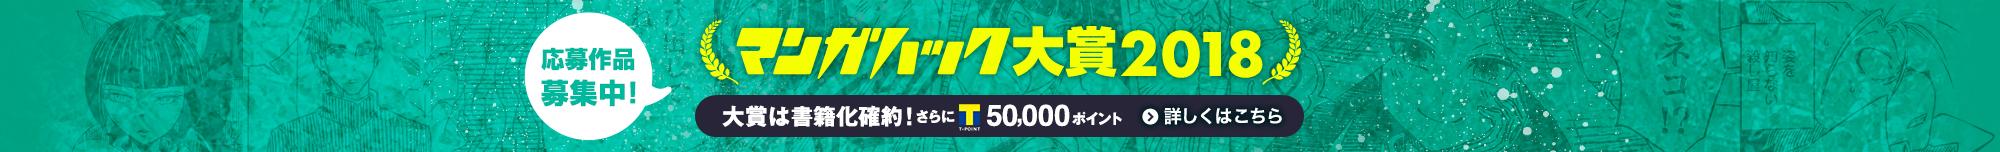 マンガハック大賞2018